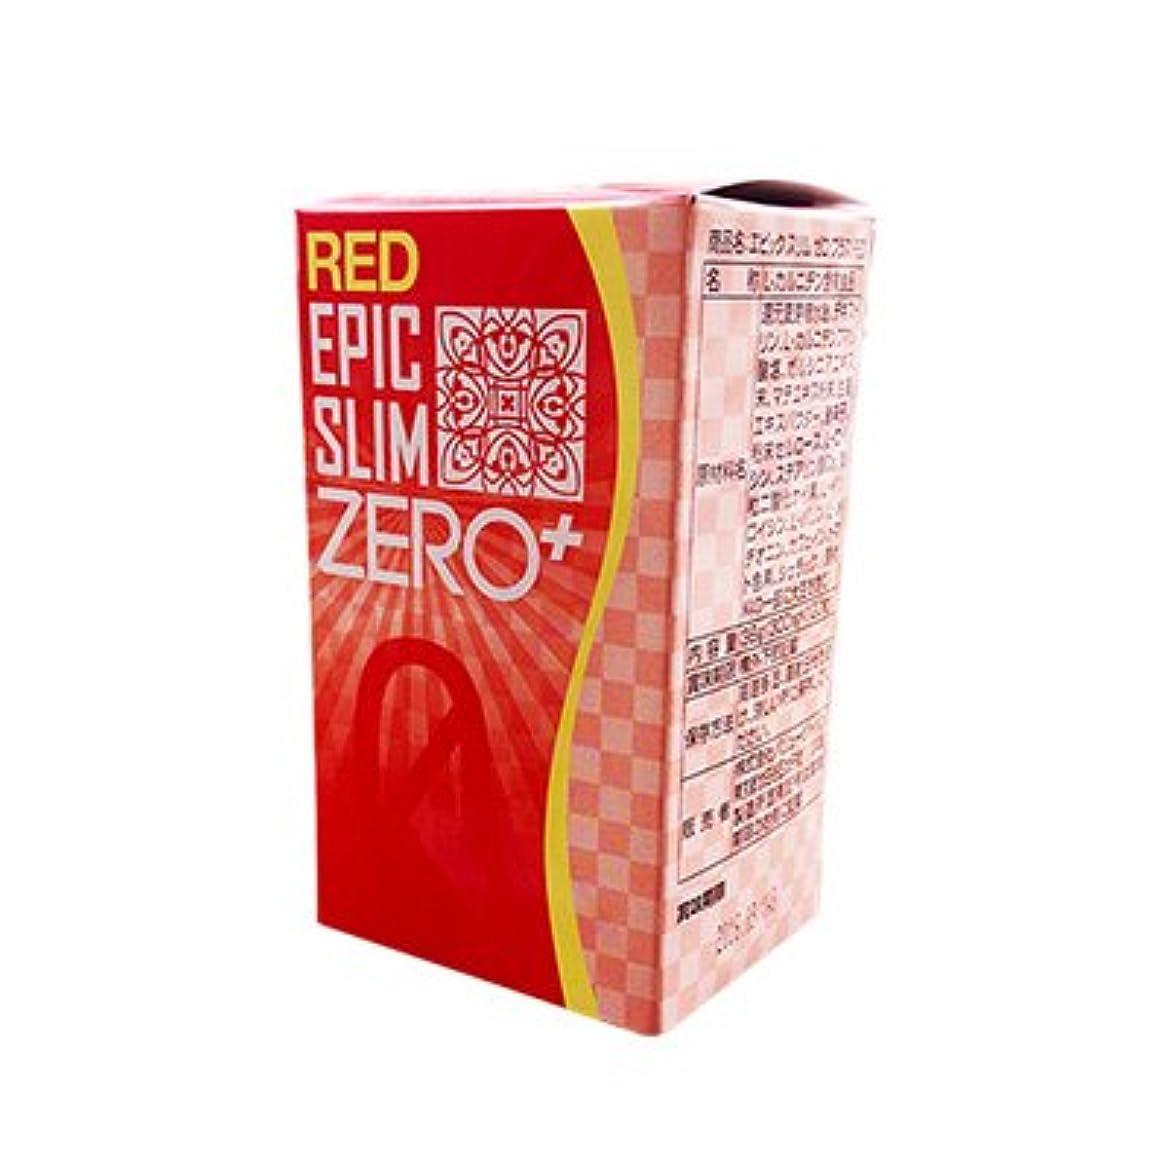 ジャーナル見えないゴールドレッド エピックスリム ゼロ レッド Epic Slim ZERO RED